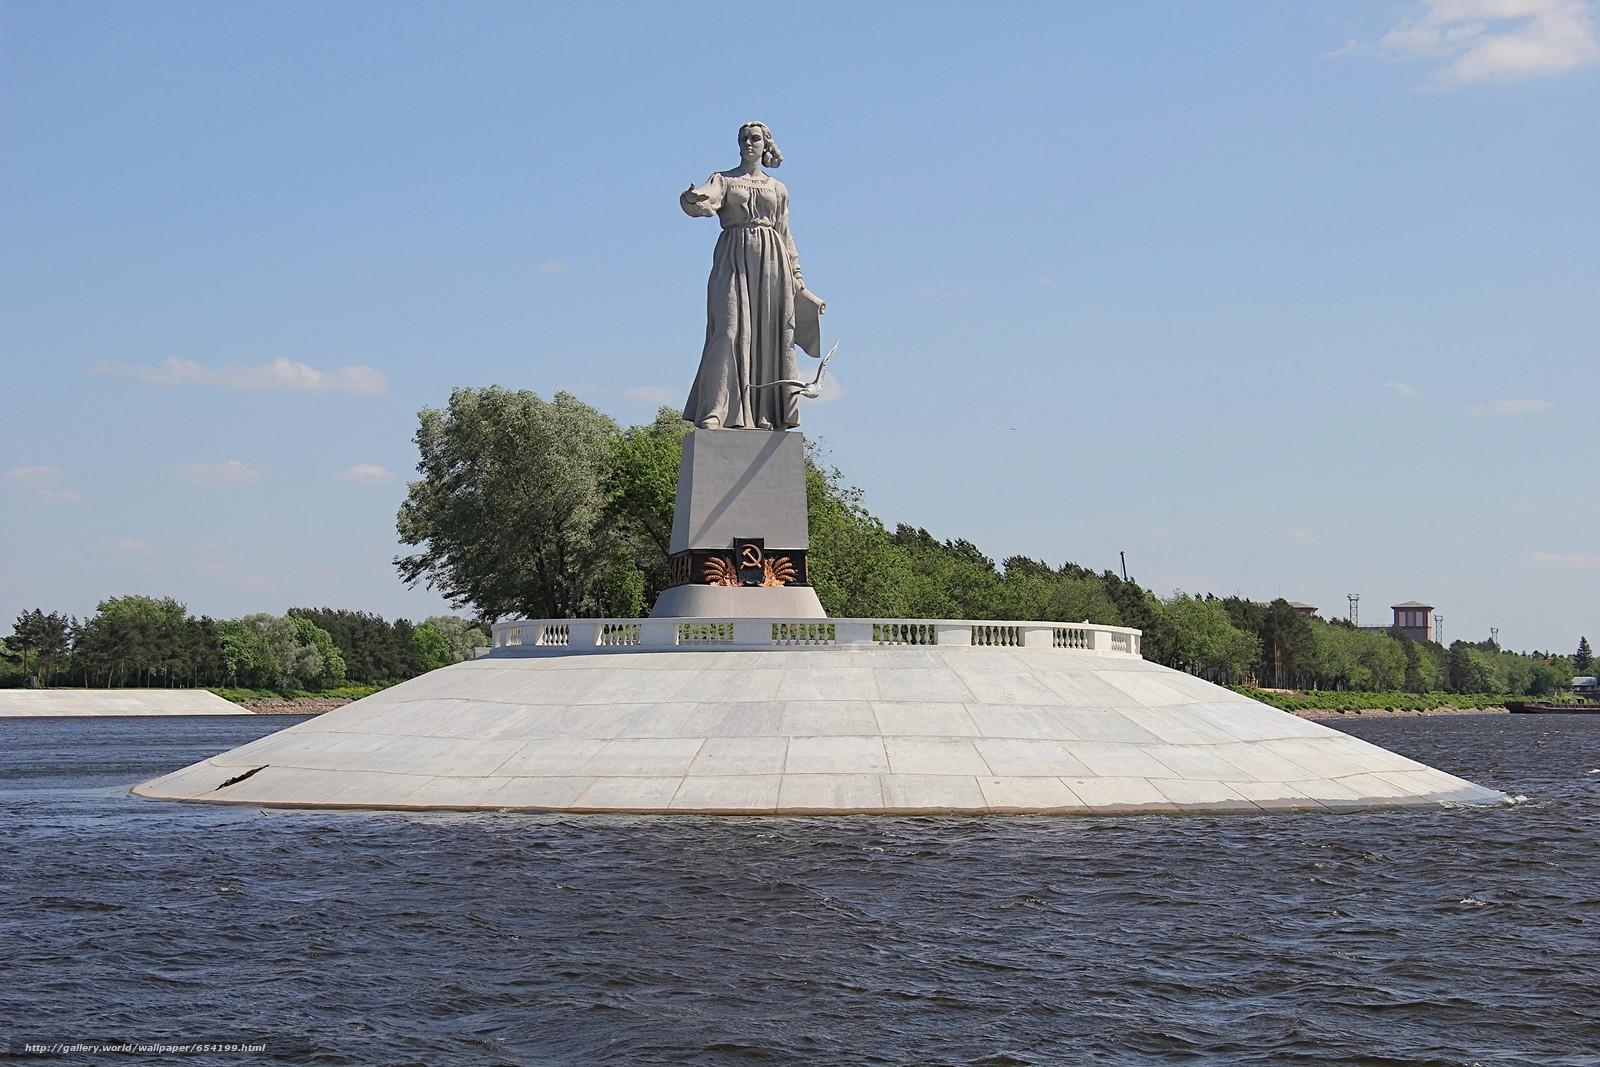 Скачать обои Рыбинск,  Россия,  статуя,  монумент бесплатно для рабочего стола в разрешении 2448x1632 — картинка №654199